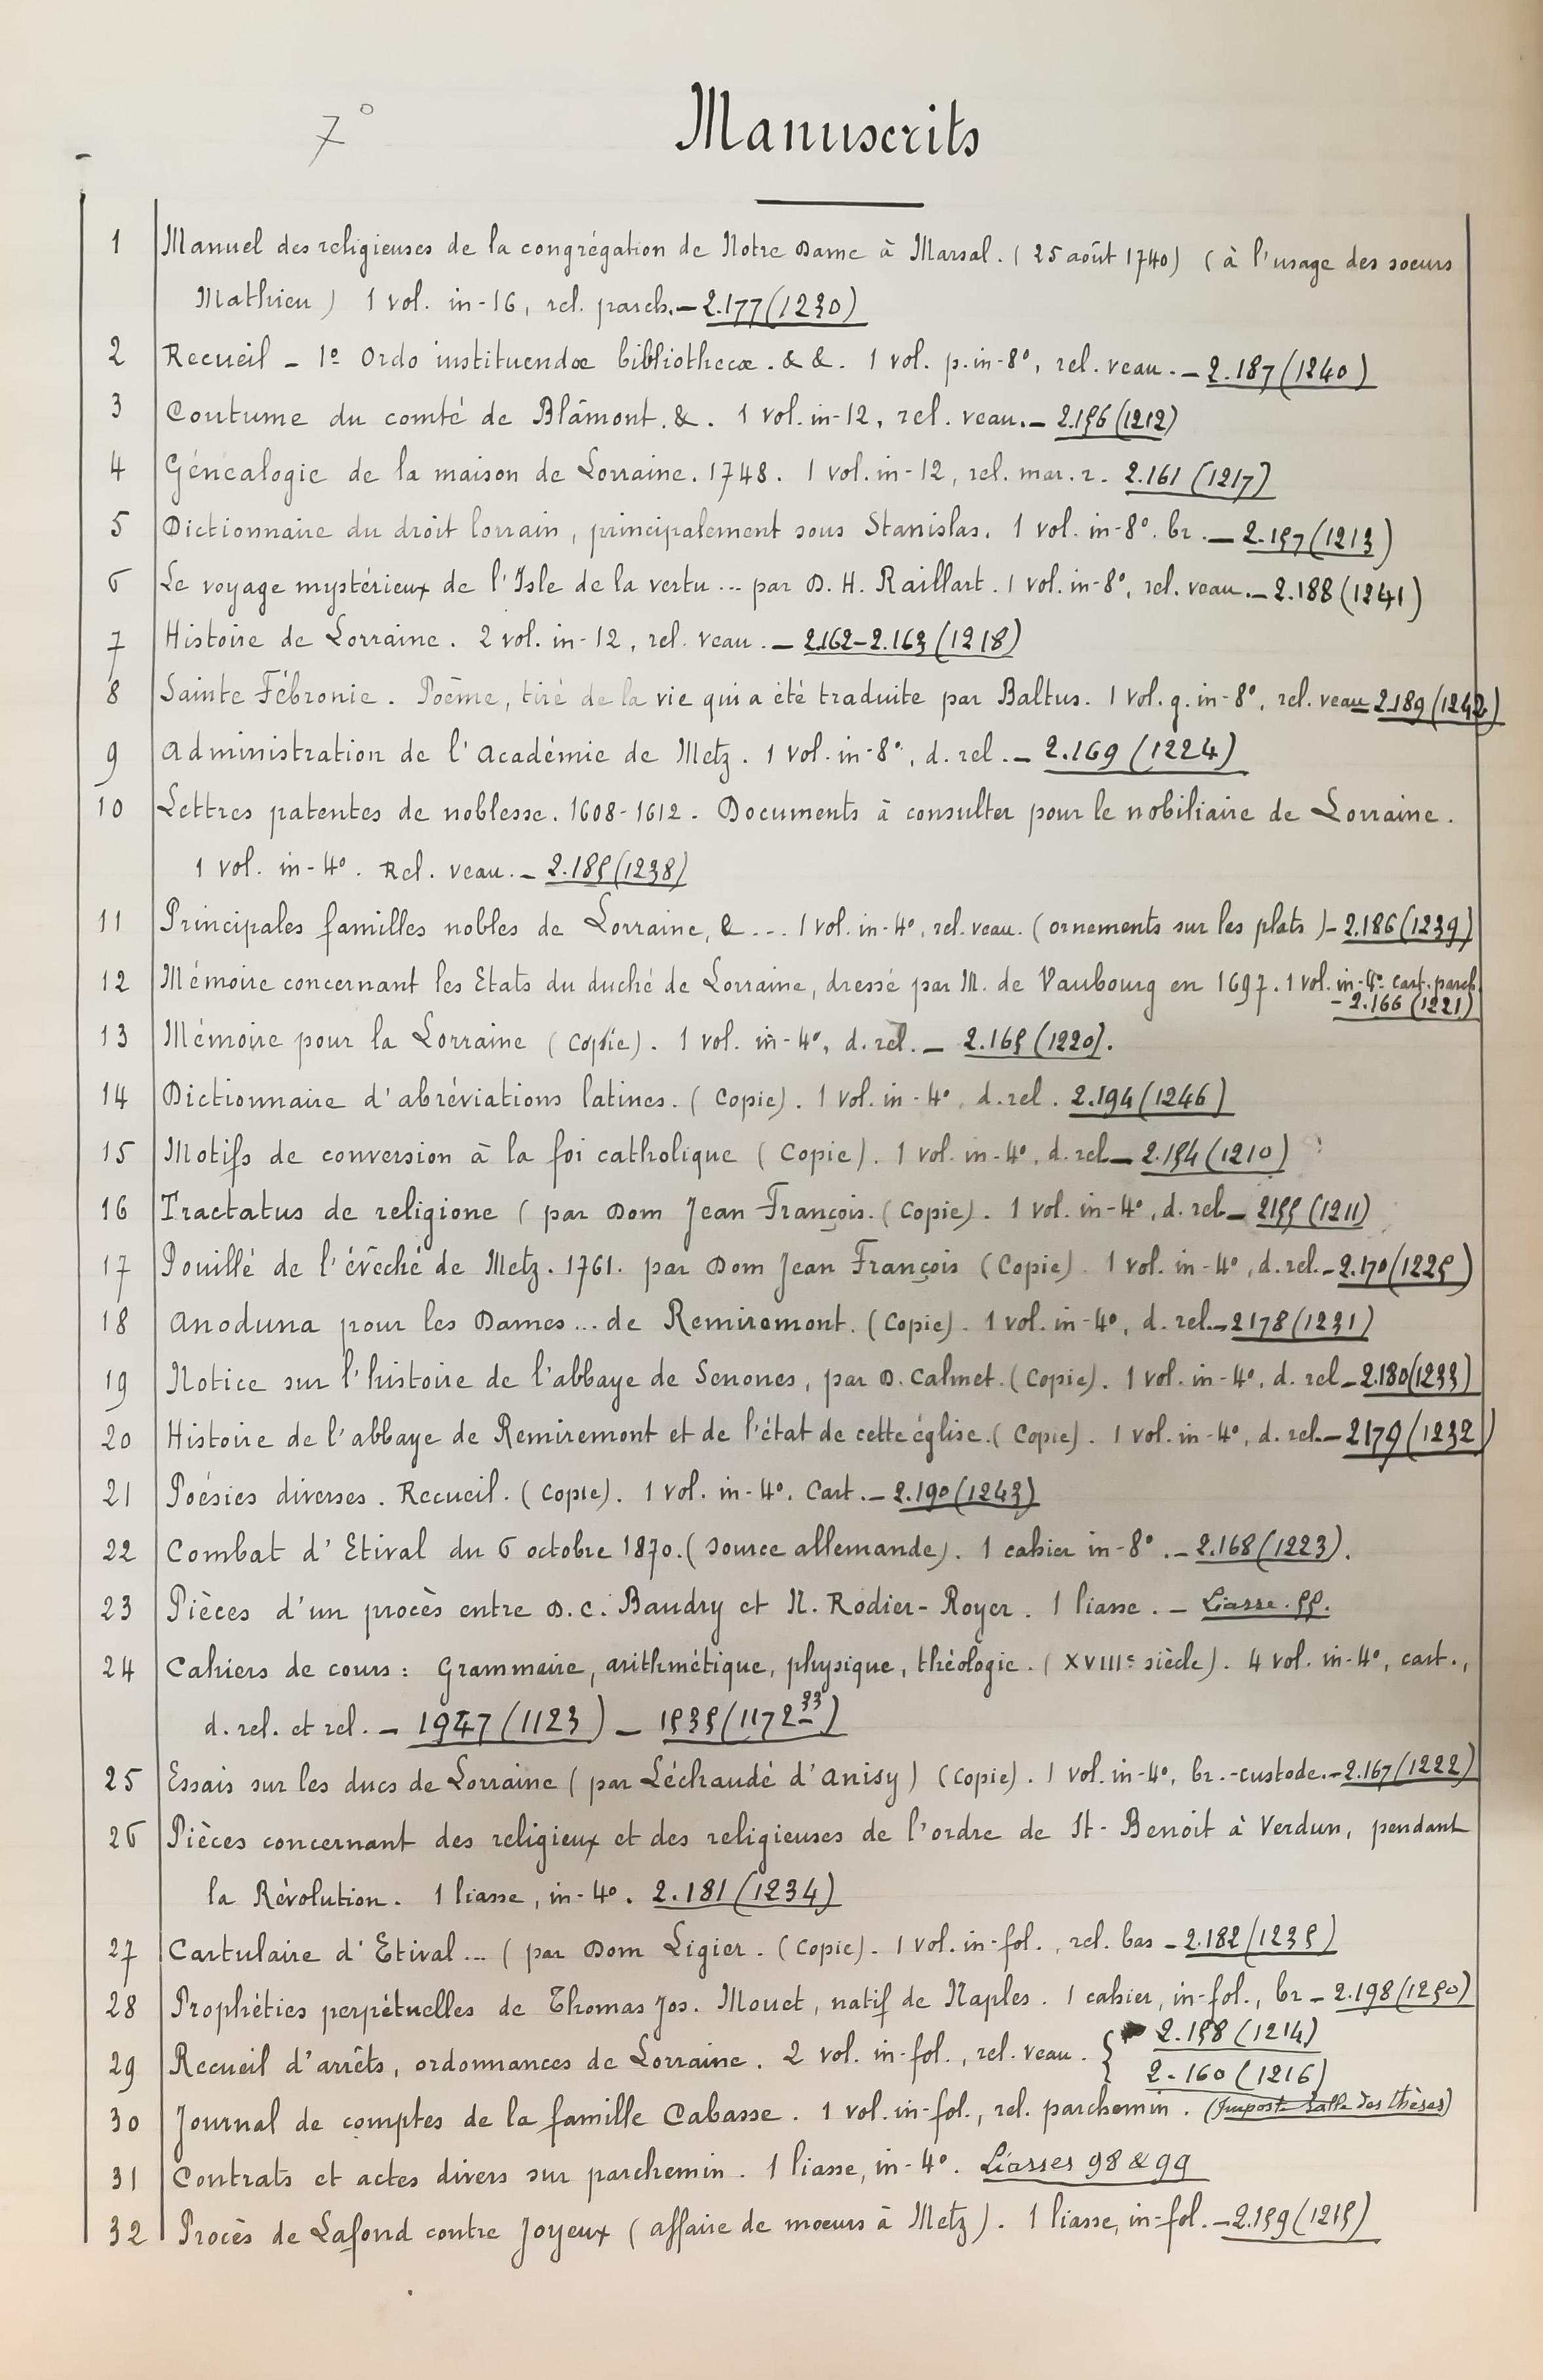 Registre des documents laissés en dépôt à la Bibliothèque Nationale